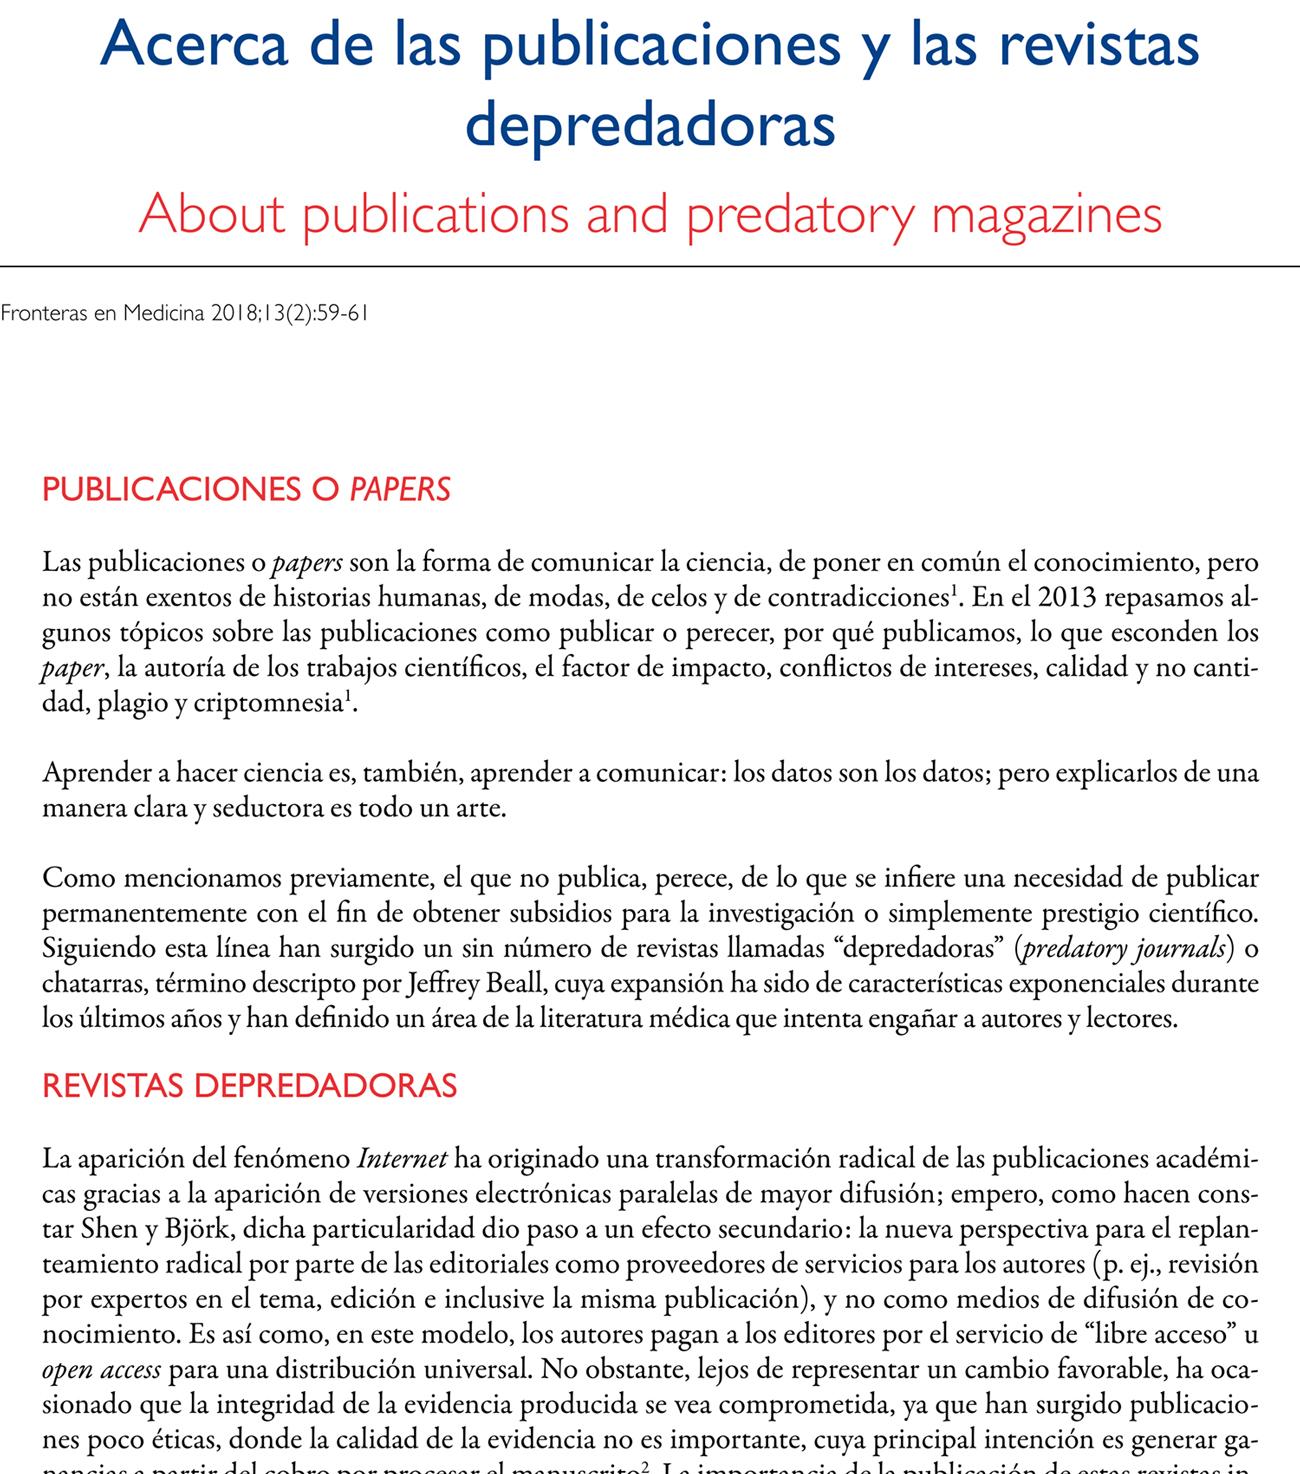 Acerca de las publicaciones y las revistas depredadoras